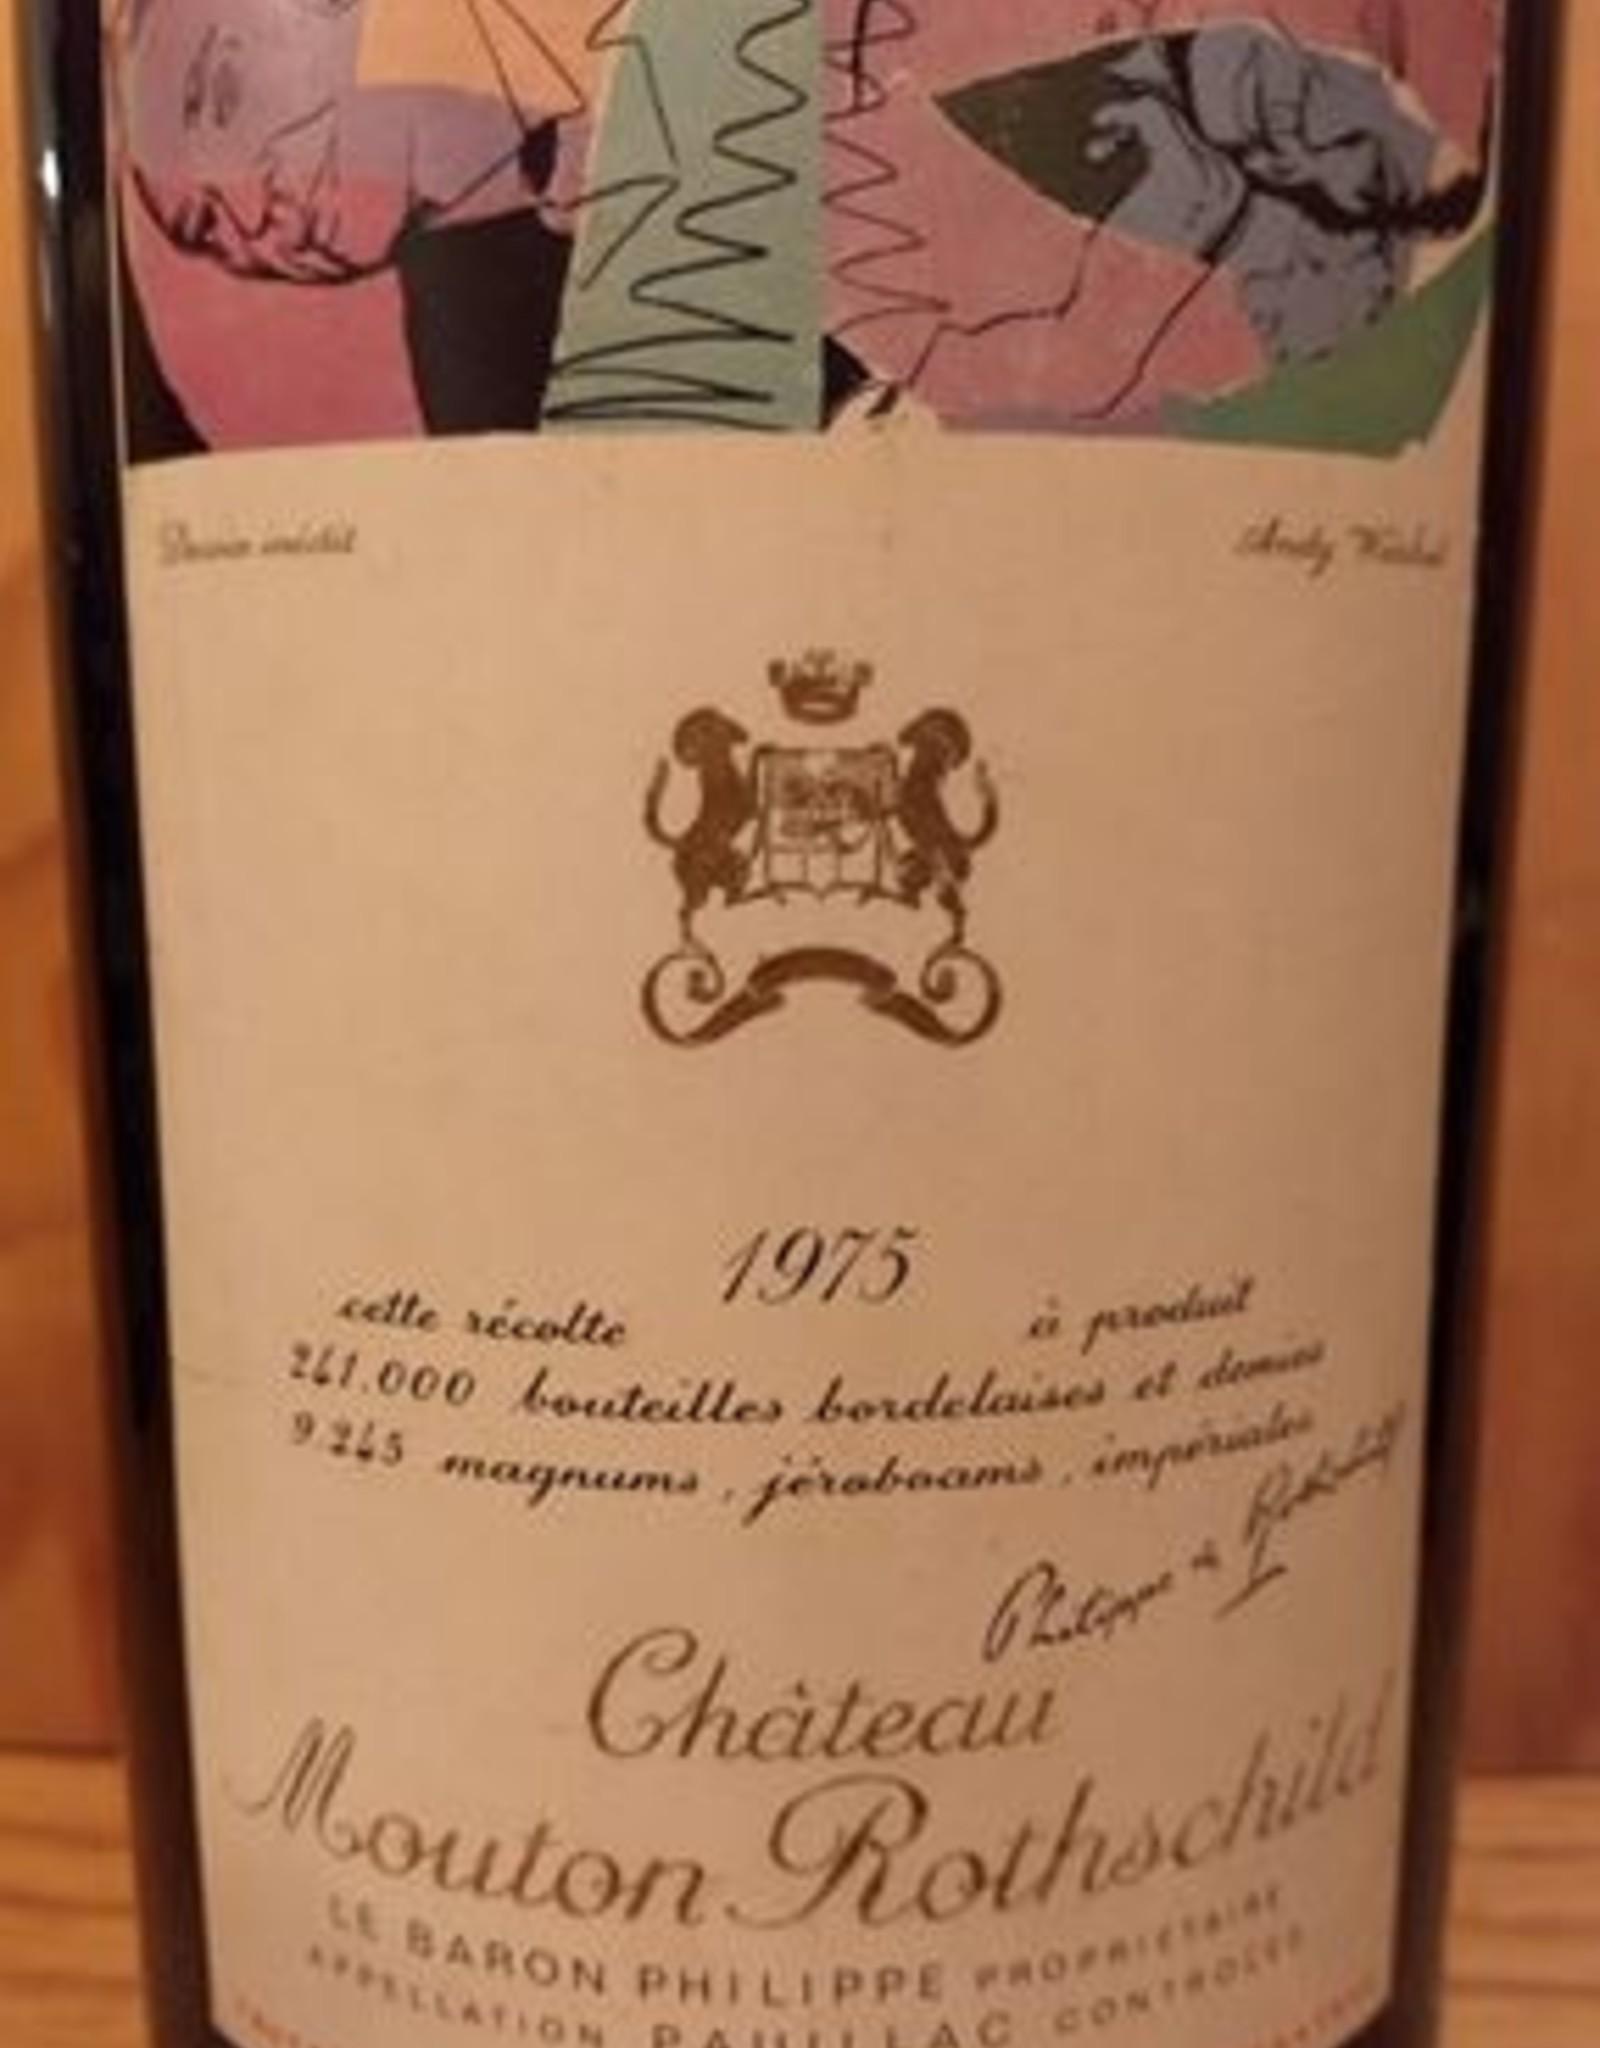 Ch Mouton Rothschild 1975 3 Liter